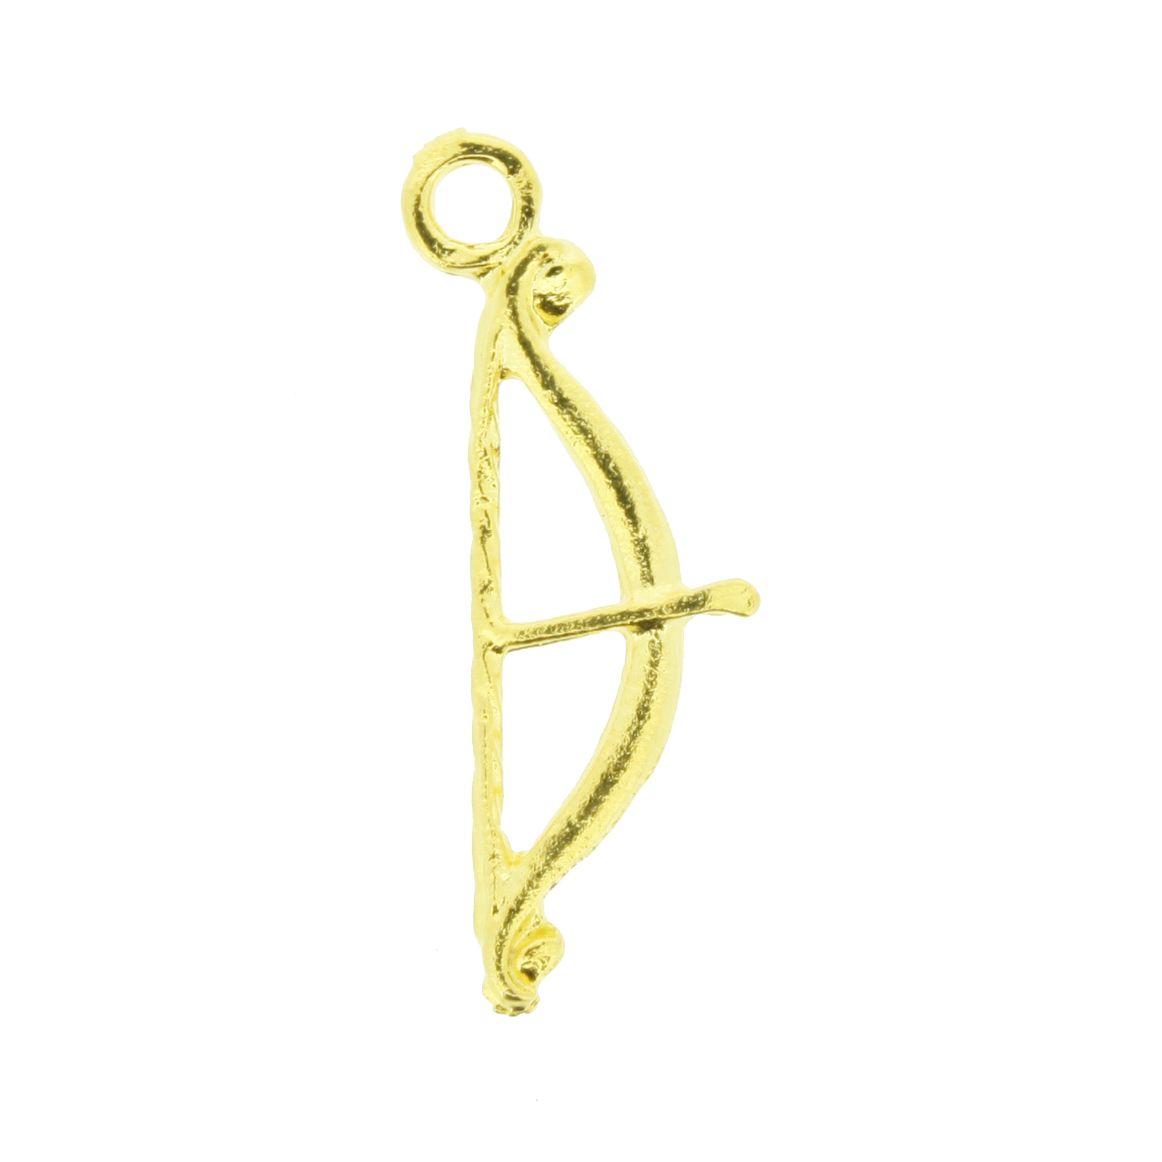 Arco e Flecha - Dourado - 25mm  - Universo Religioso® - Artigos de Umbanda e Candomblé